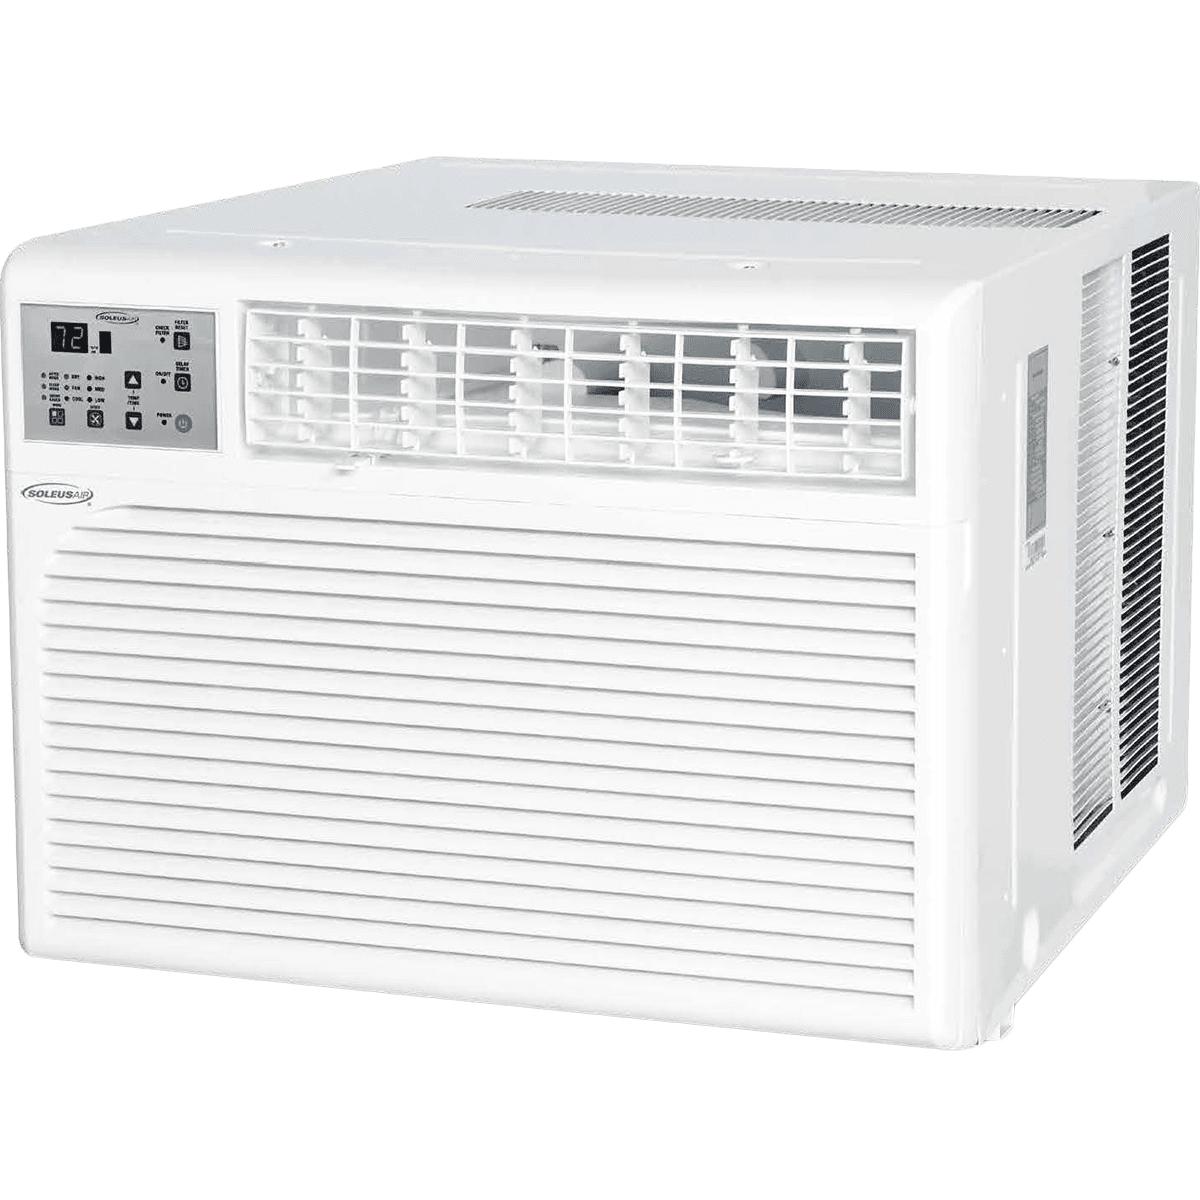 Soleus Air 12,600 BTU Window Air Conditioner WS1-12E-02